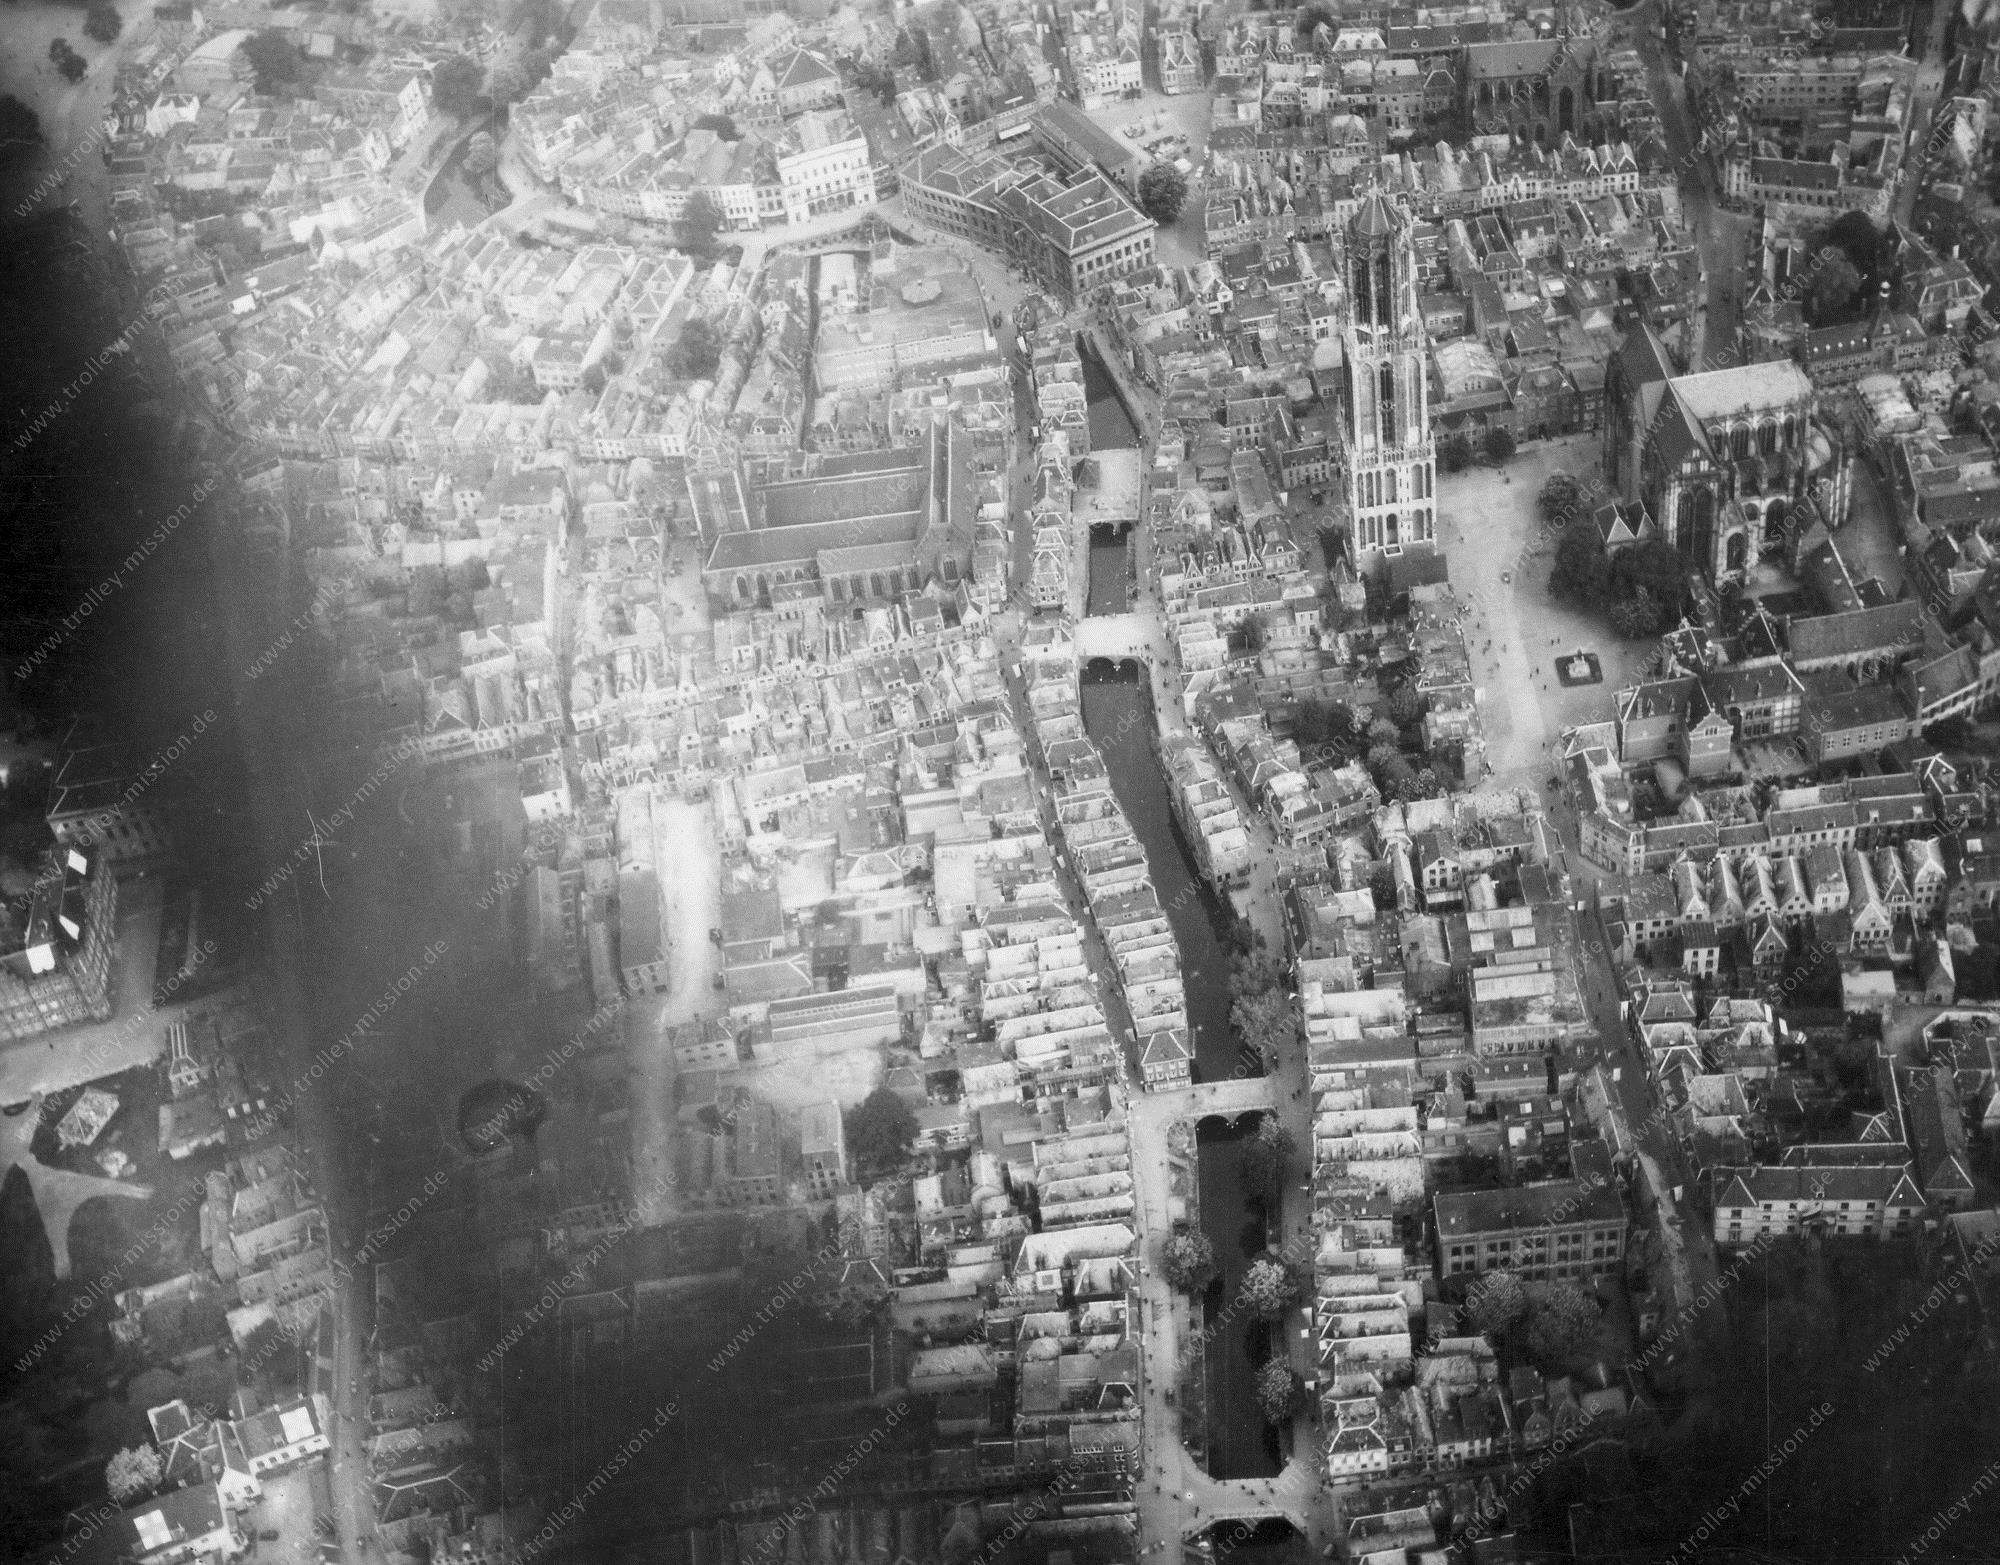 Utrecht 1945 - Luftbild vom Utrechter Dom St. Martinus (Niederlande)